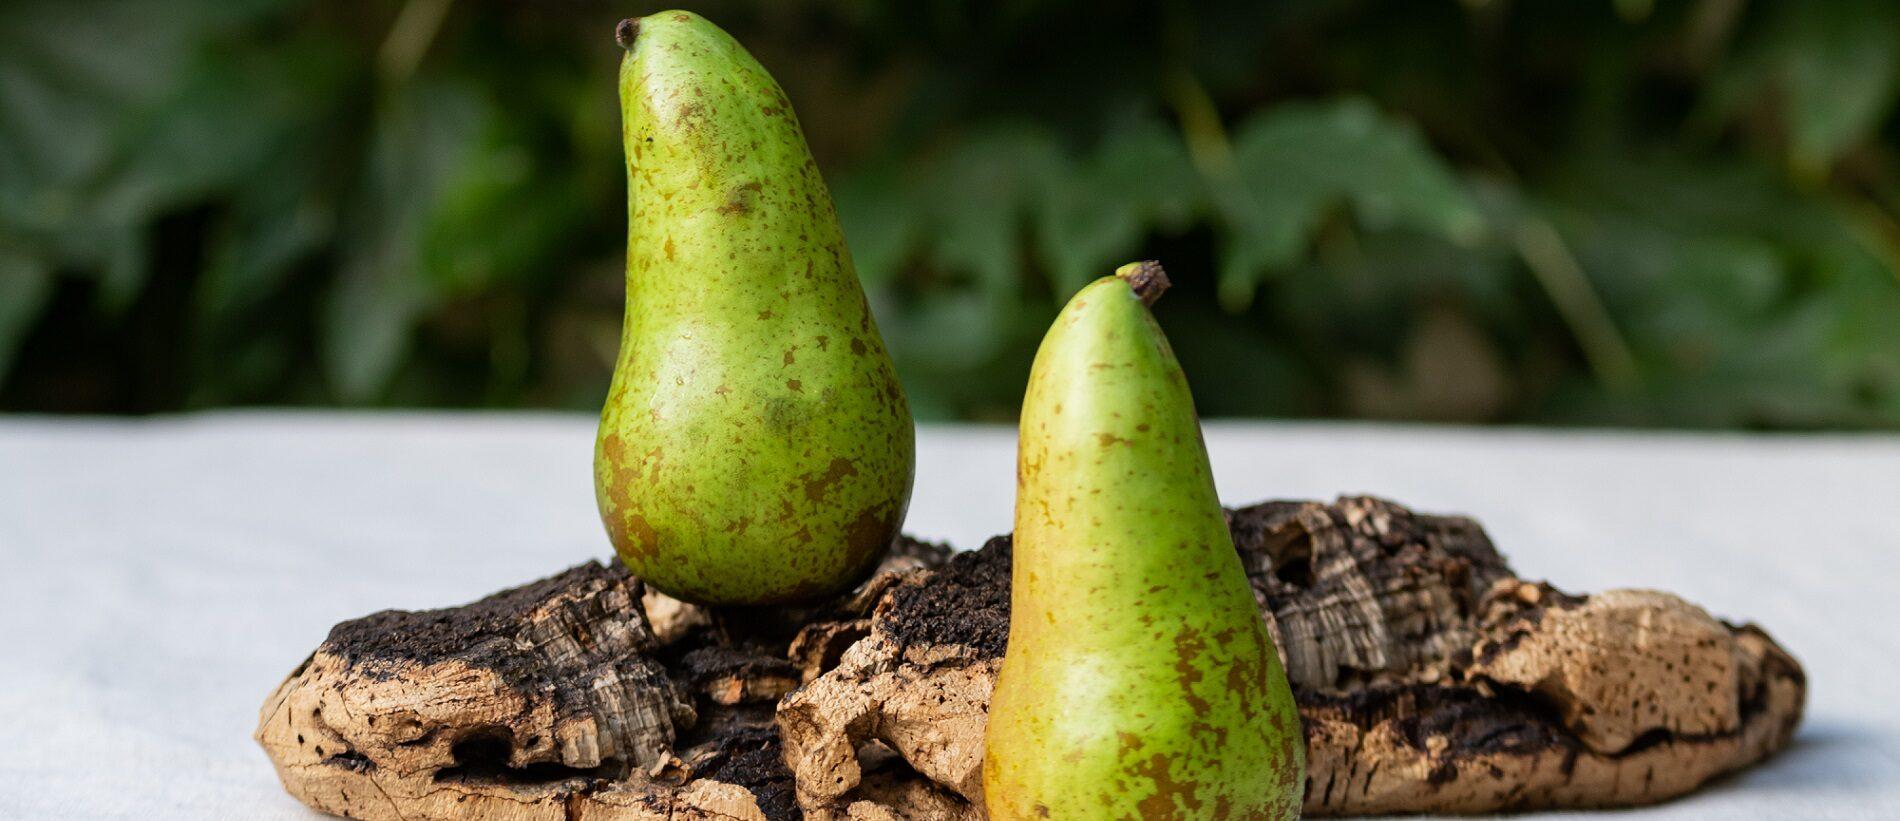 pera-producto-mes-septiembre-gastronomia-sostenible-bbva